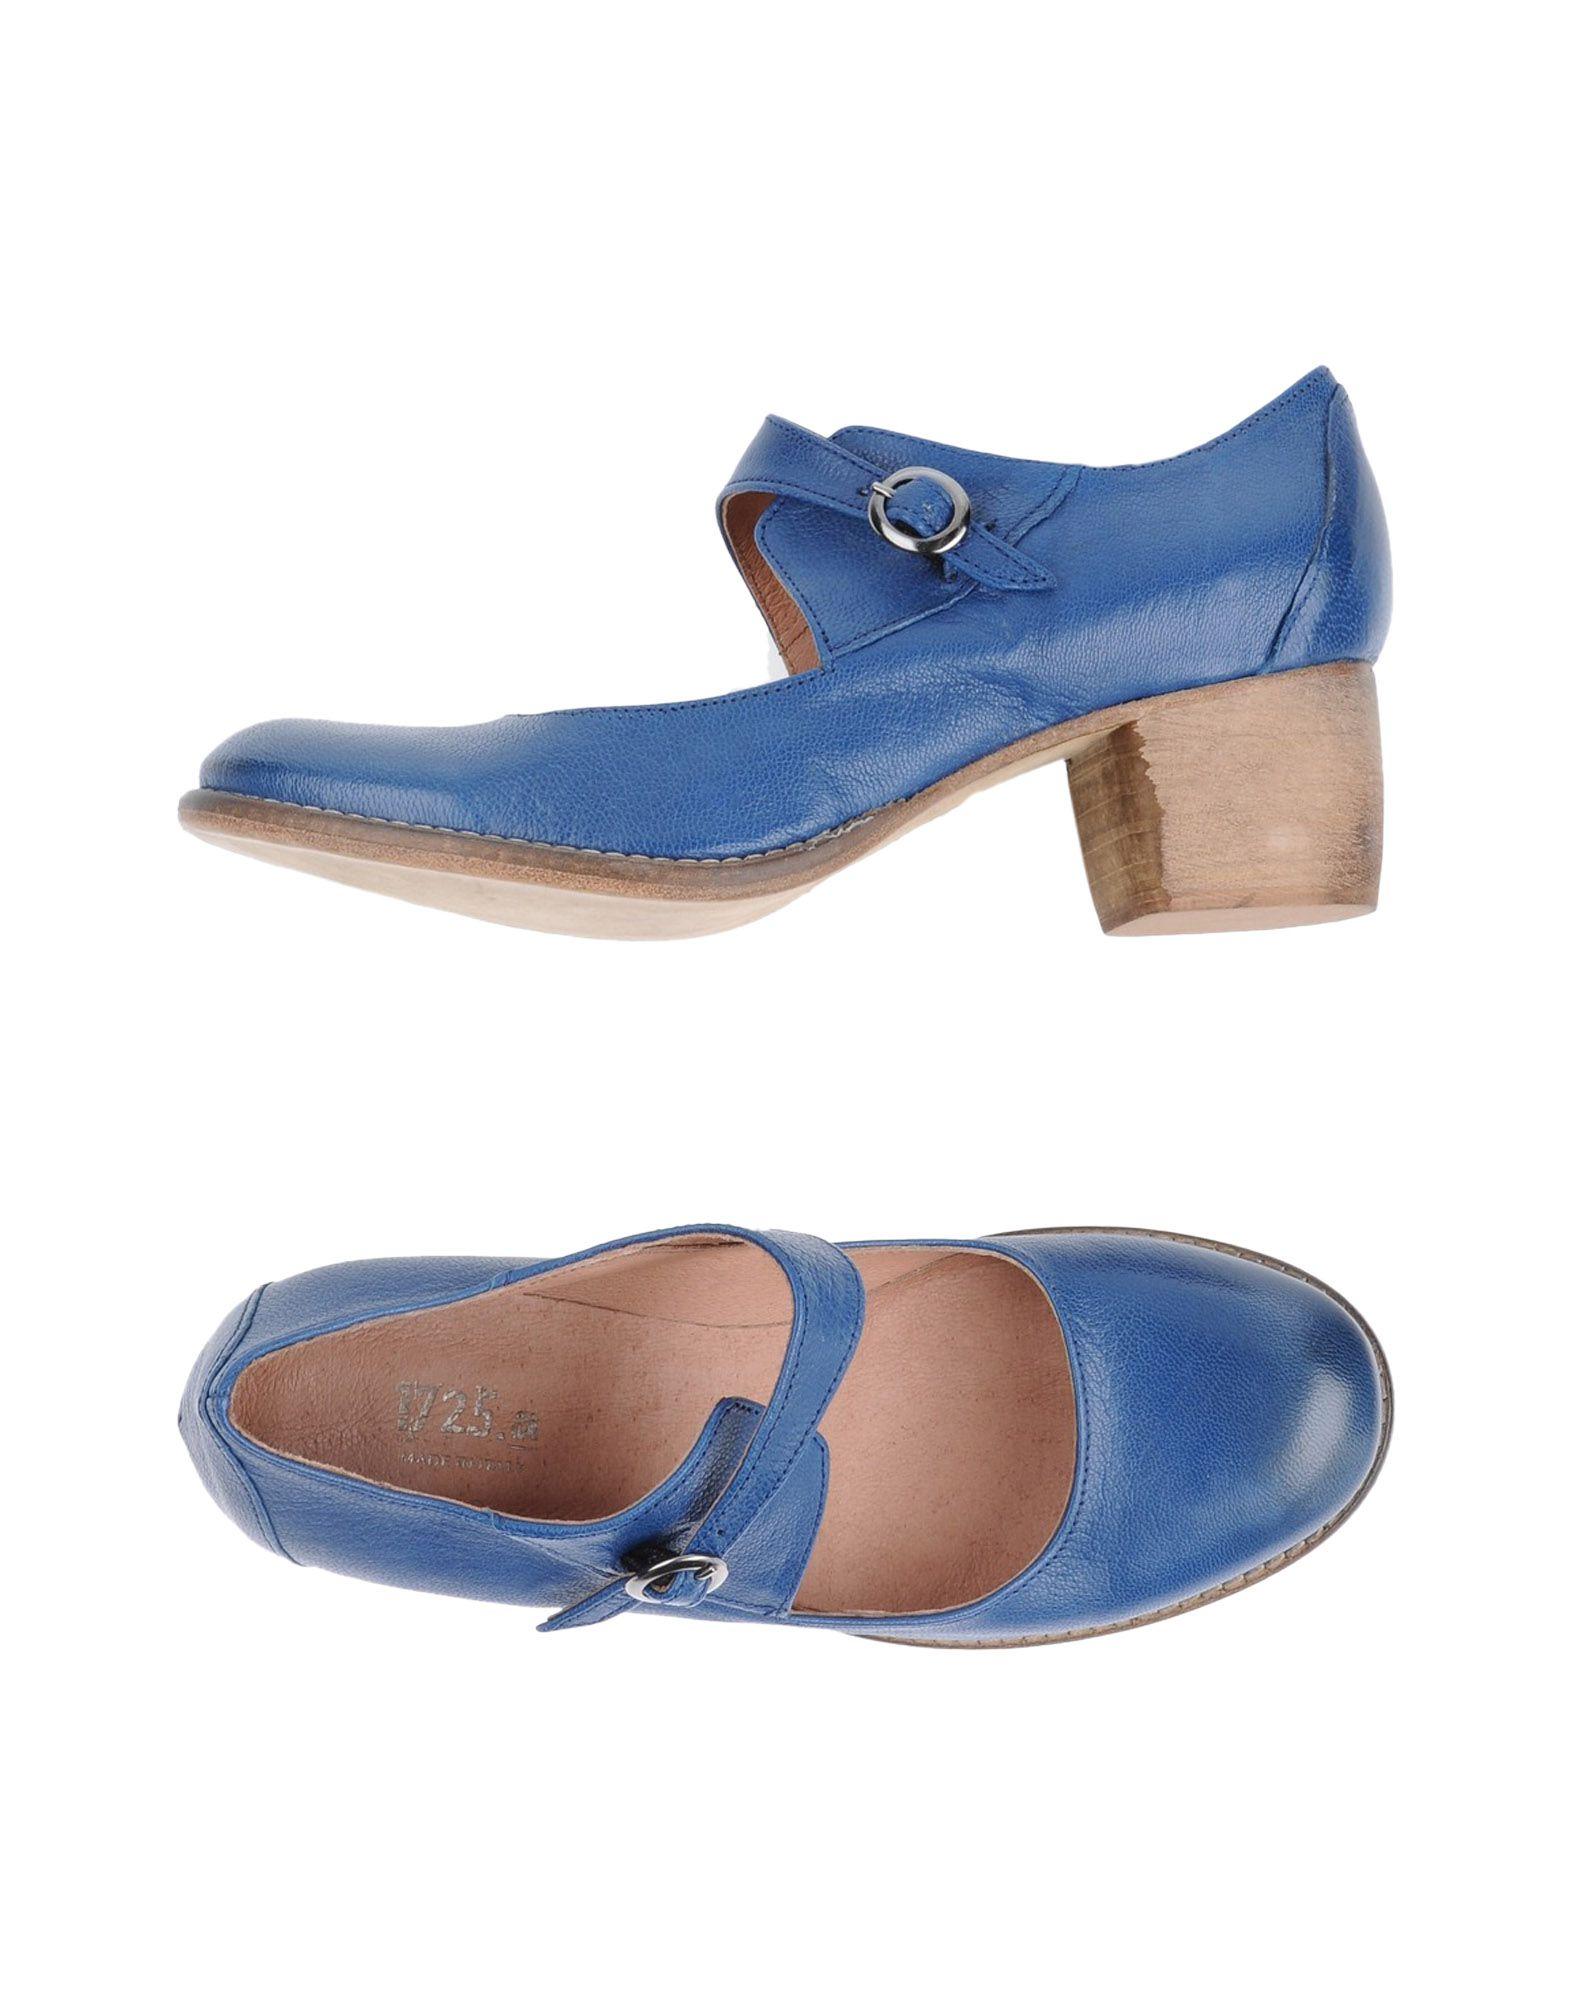 1725.A Pumps Damen  11333462PV Gute Qualität beliebte Schuhe